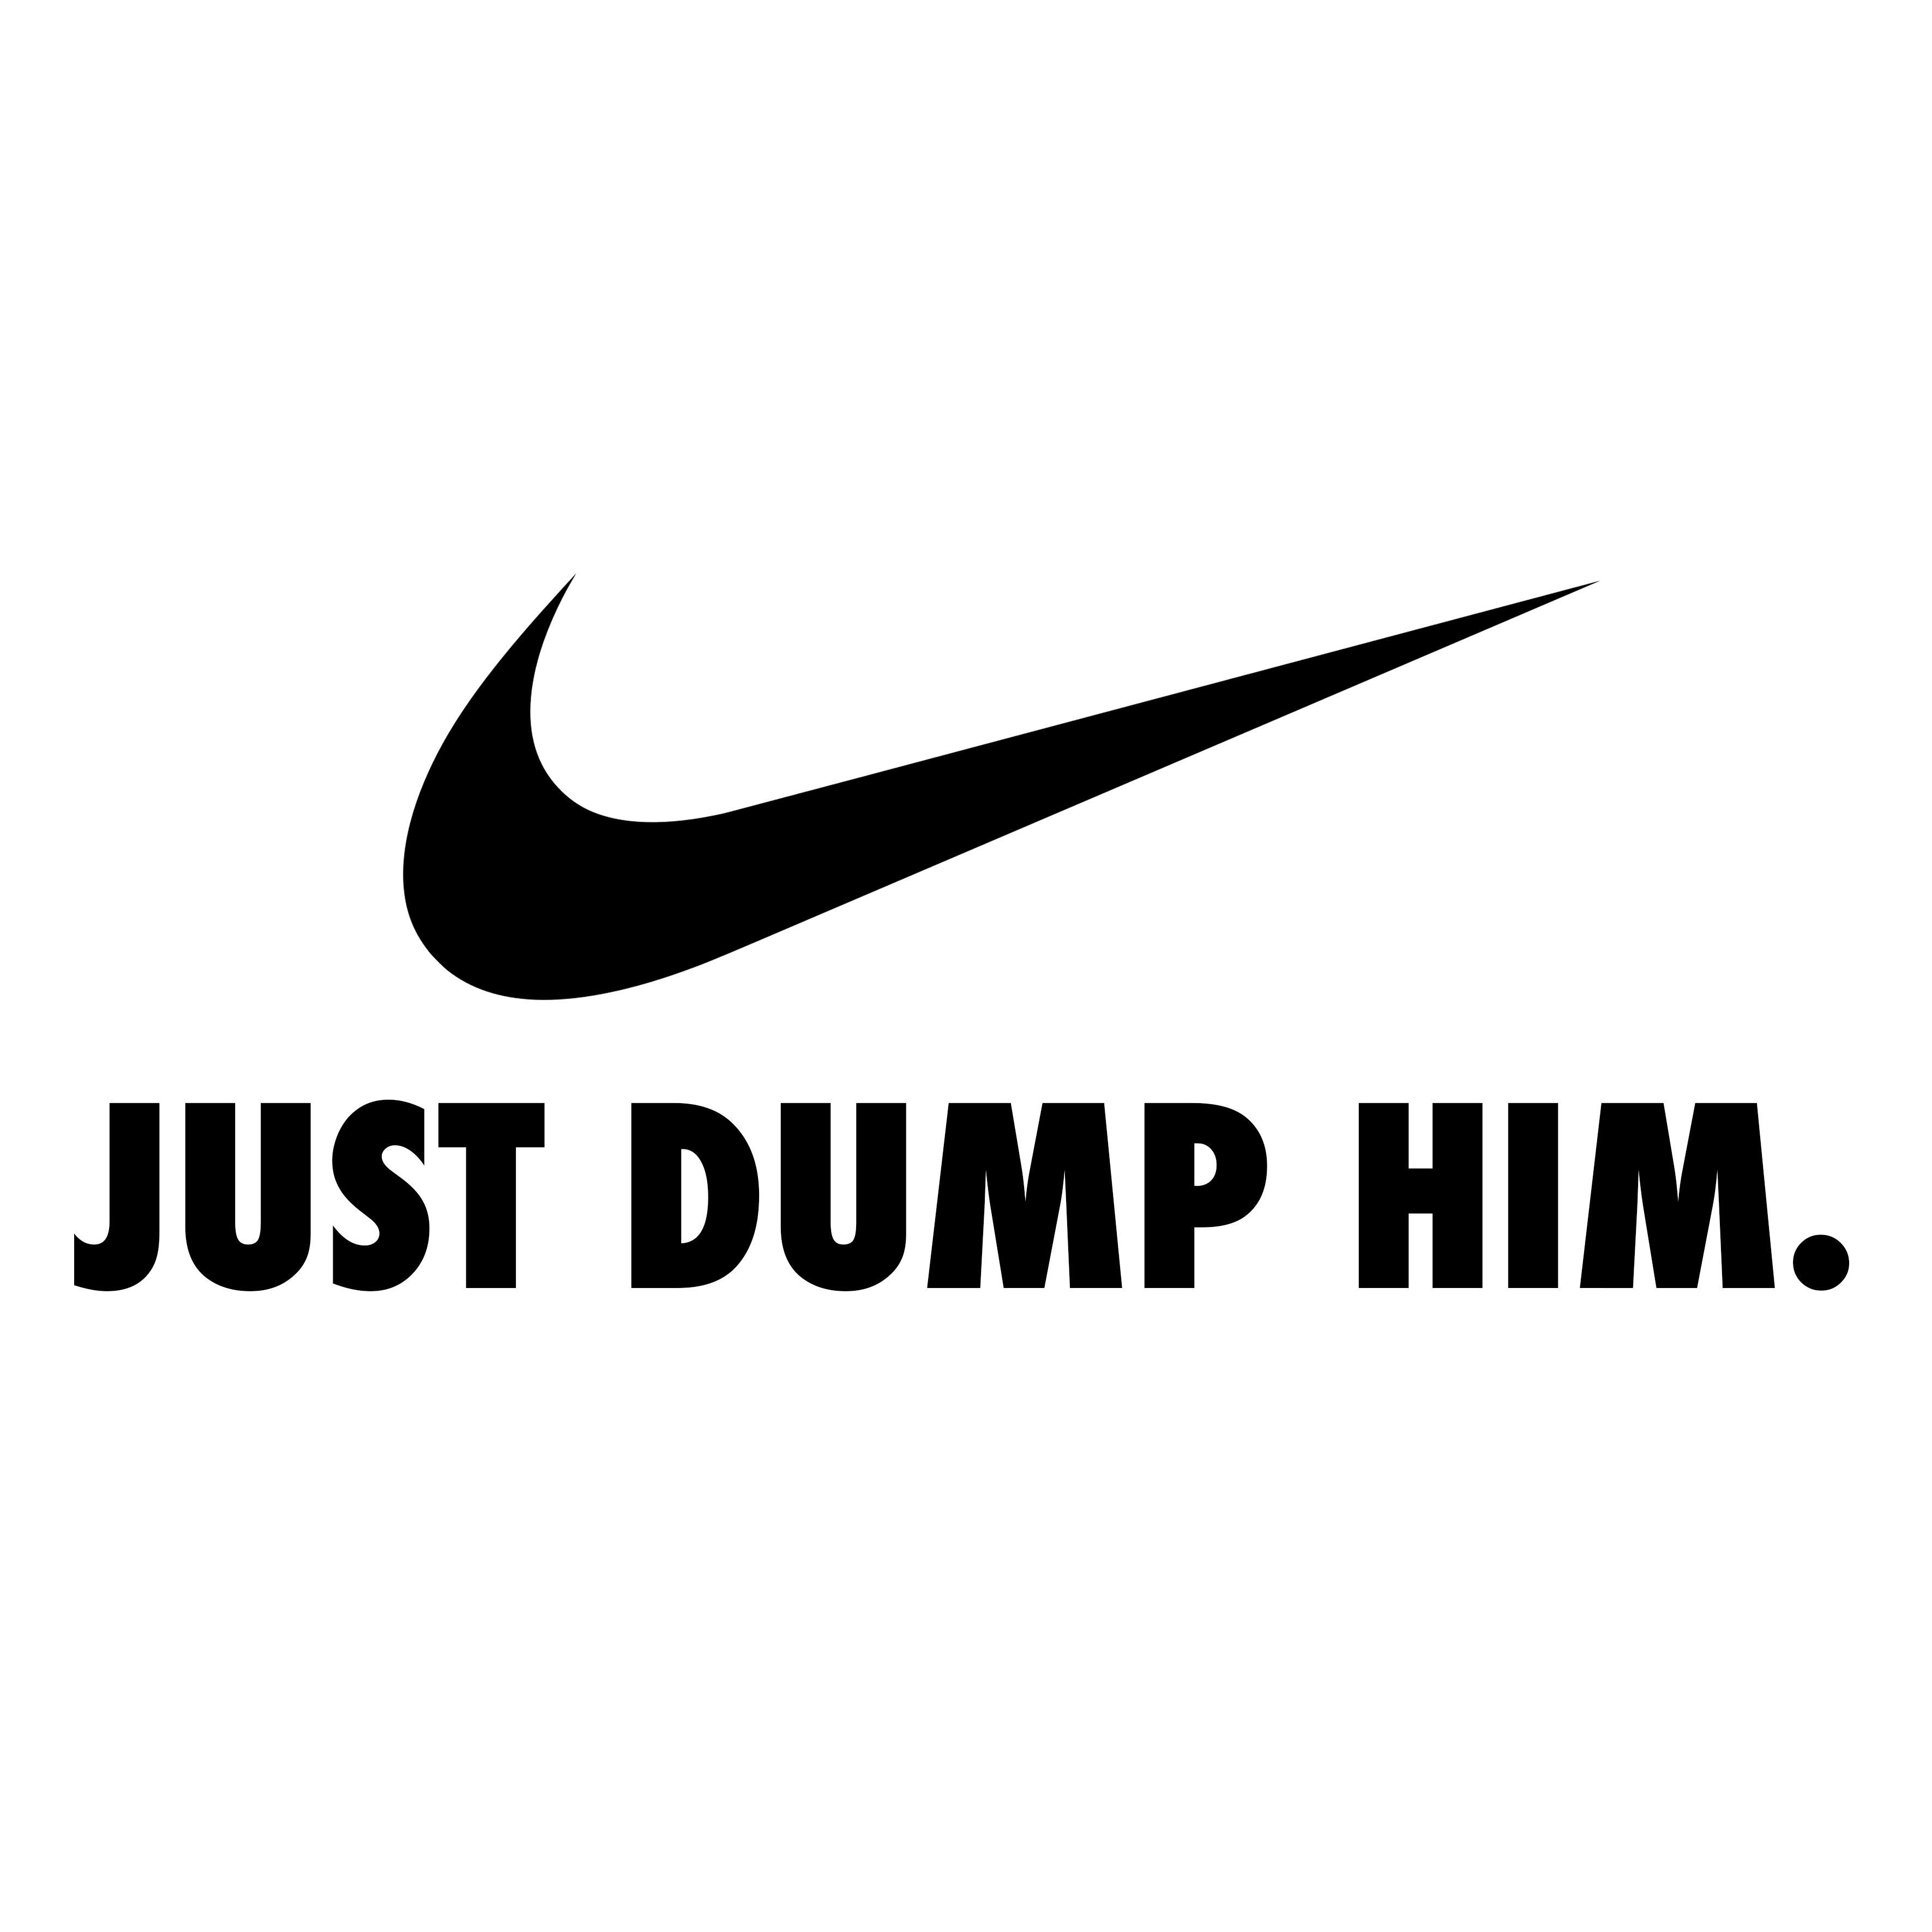 Just Dump Him, 2019